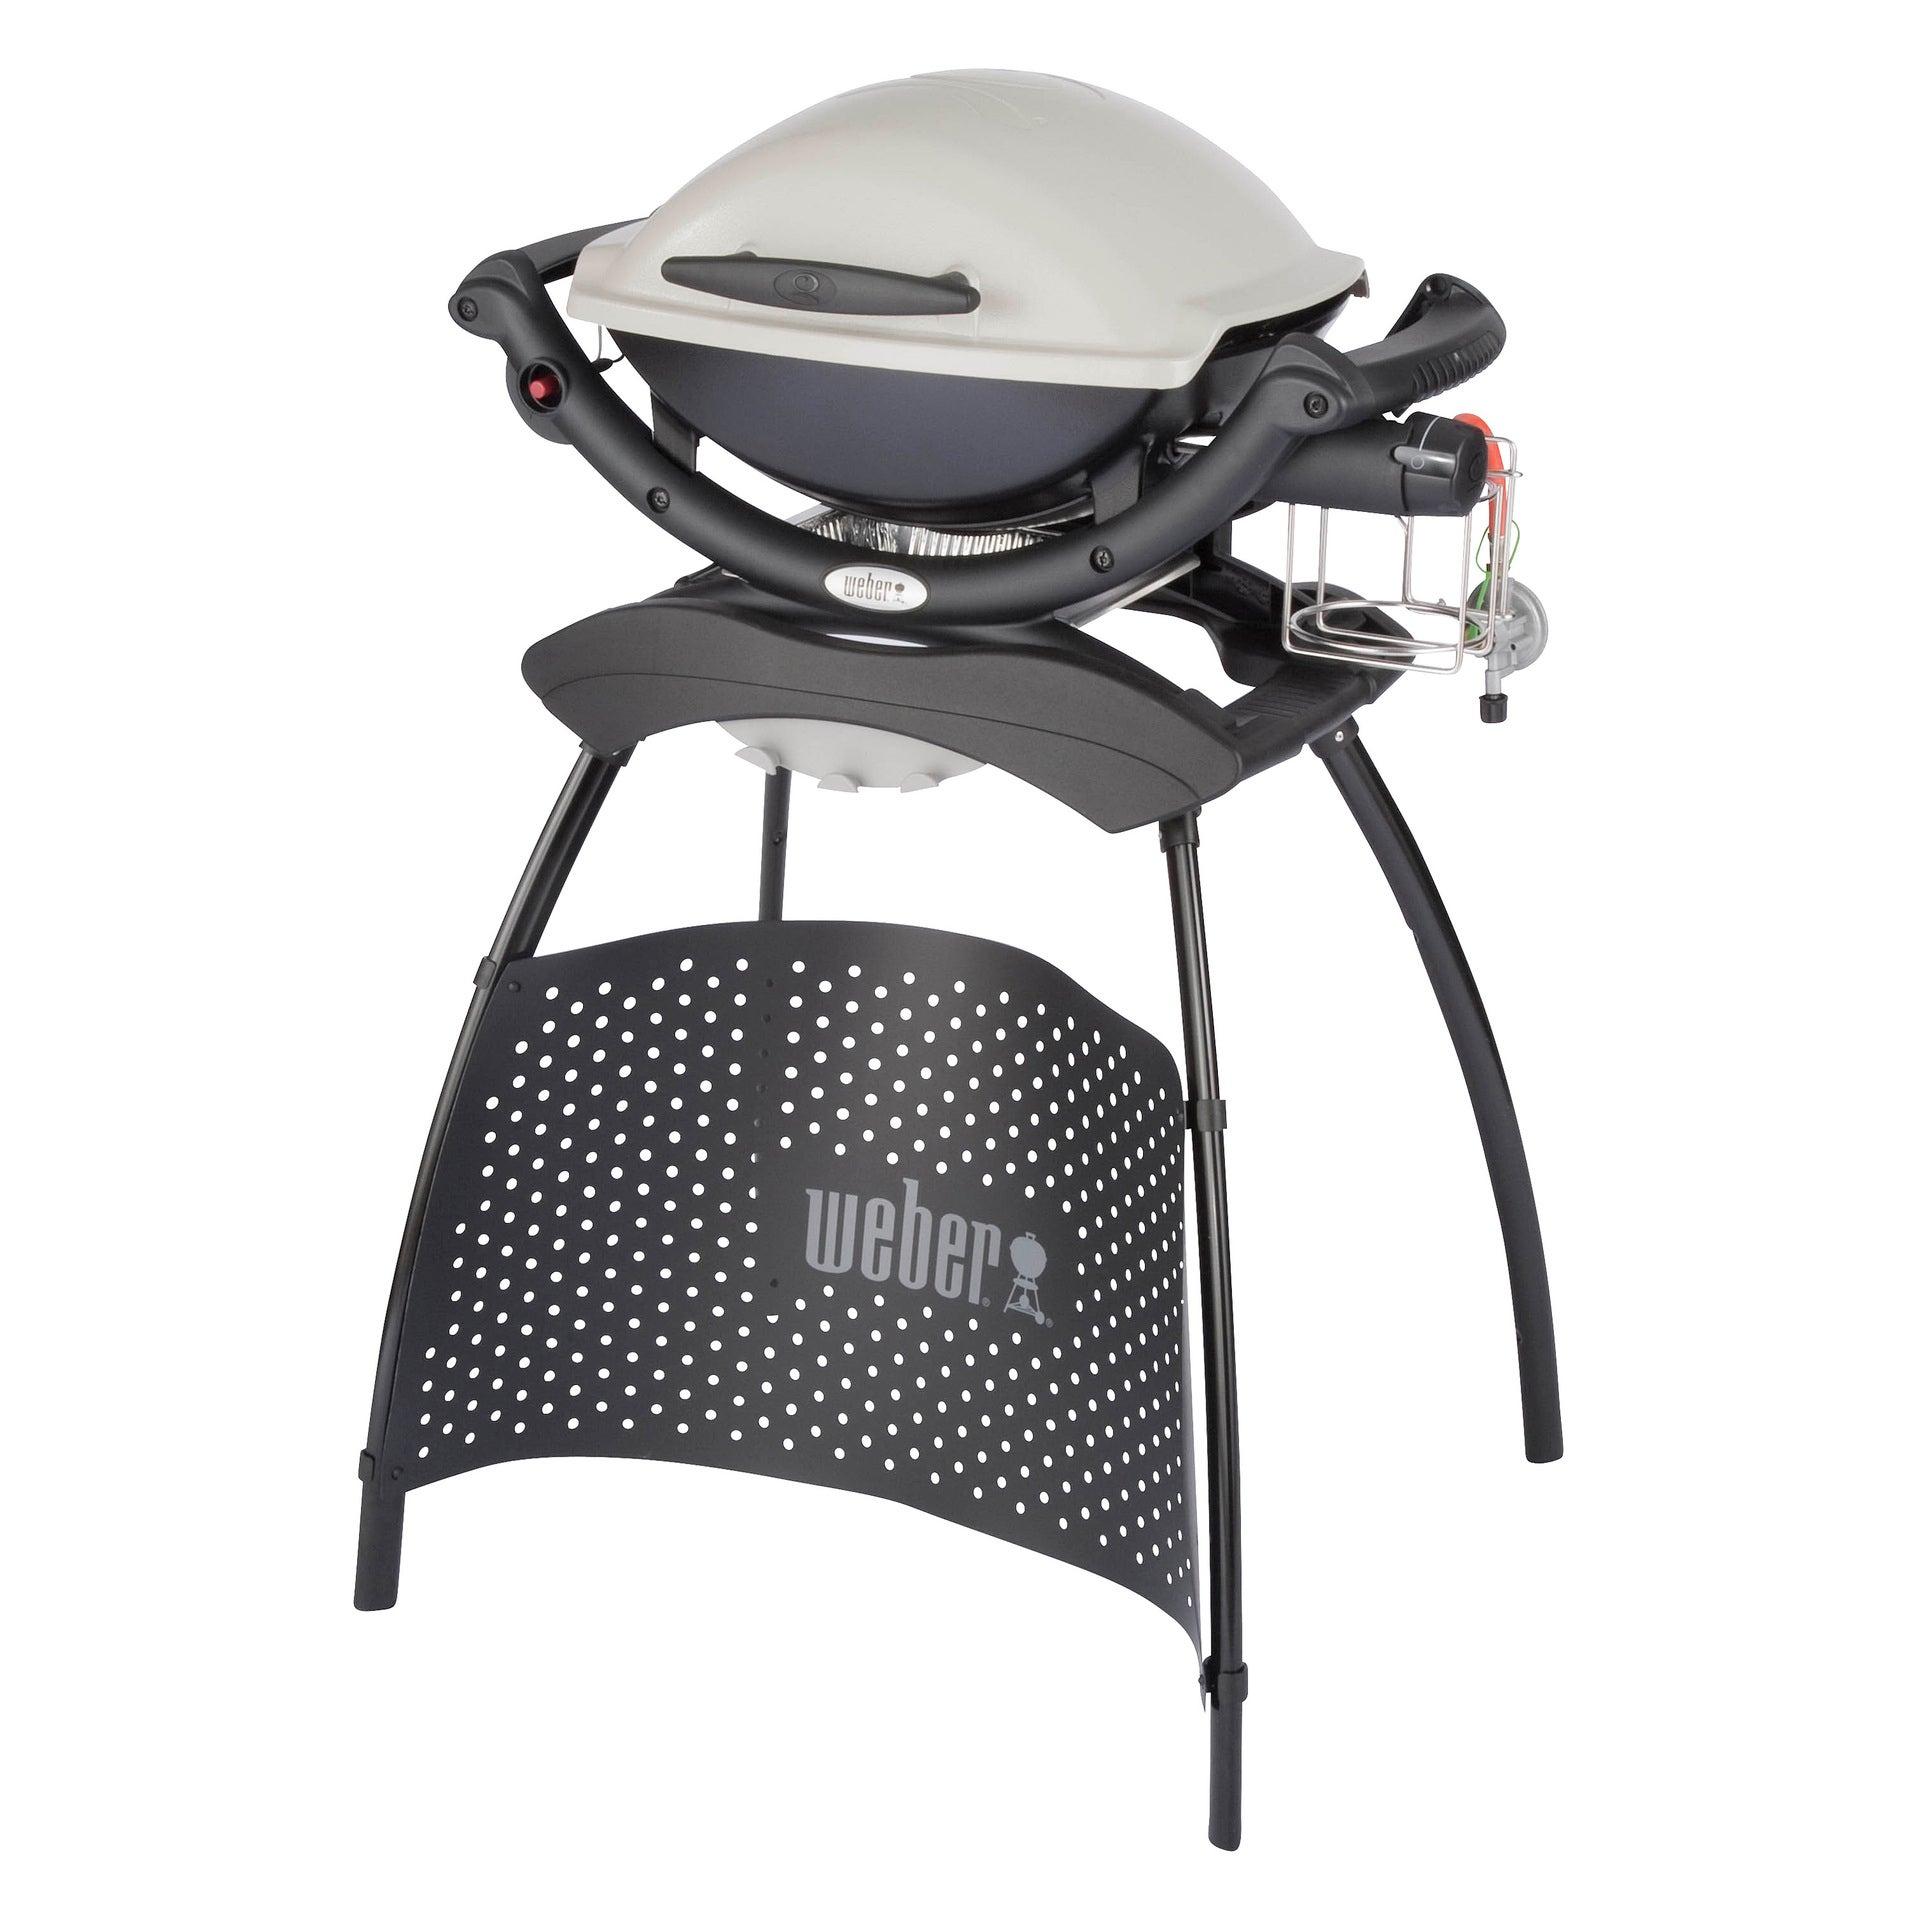 Meilleur Prix : Grille barbecue weber q1000 Meilleurs Avis